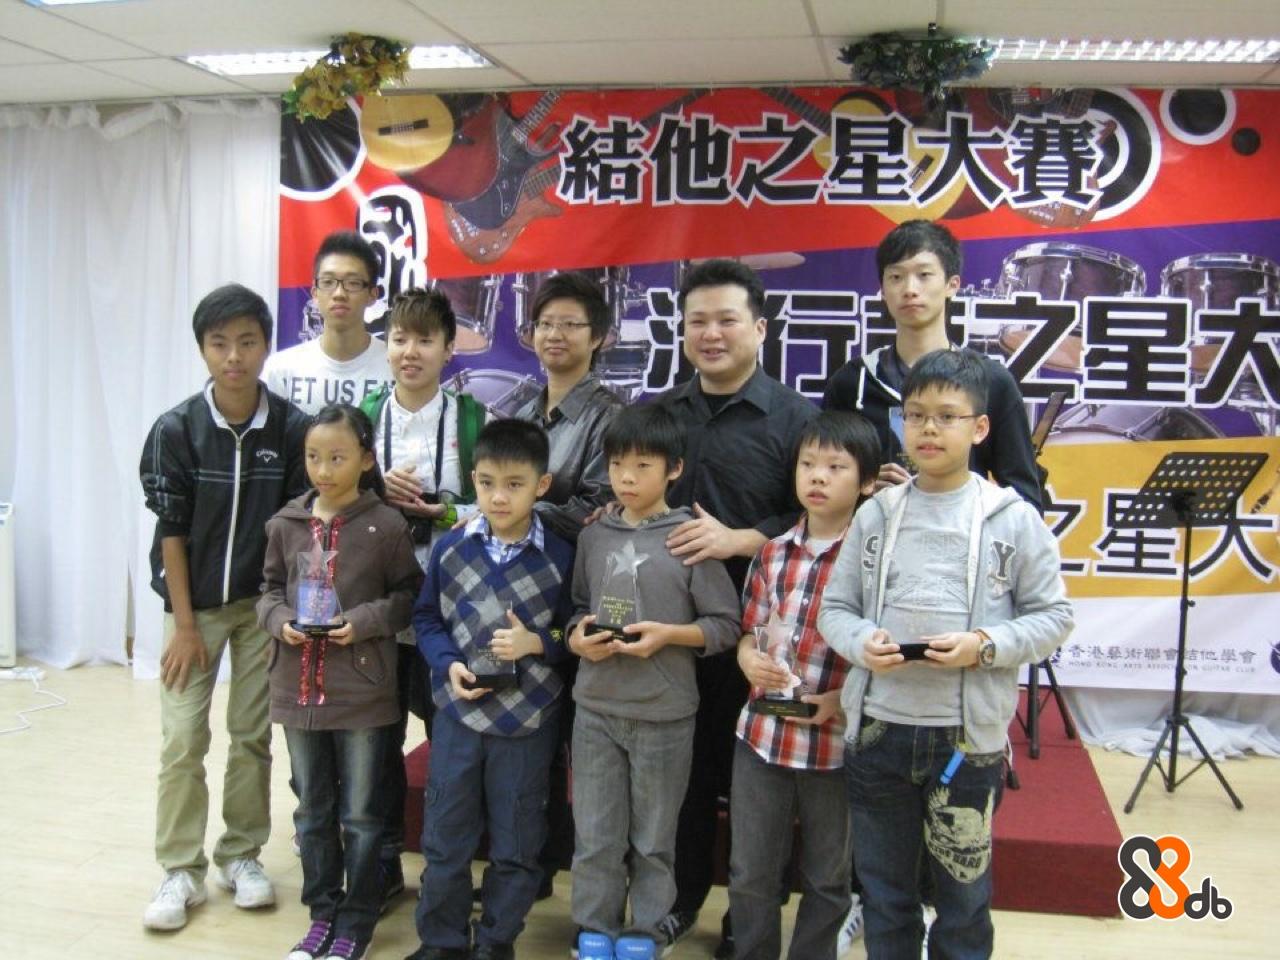 香港藝術 他學會 db  team,product,